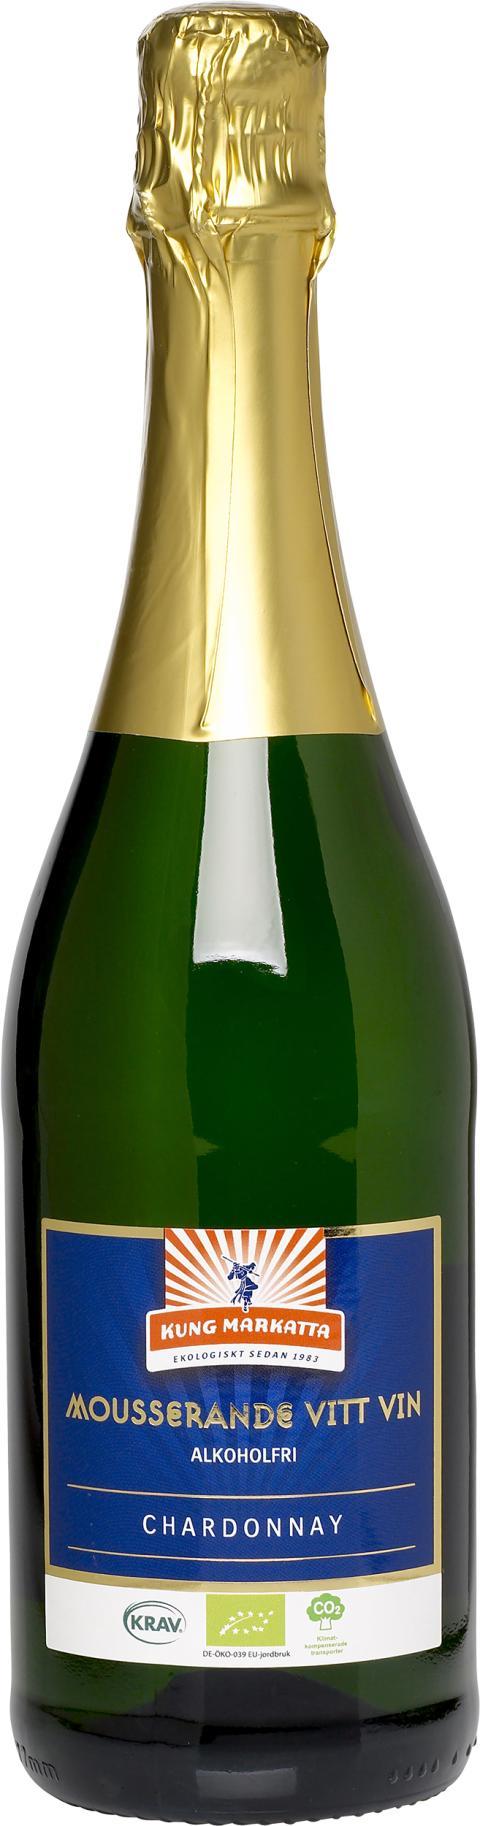 Kung Markatta Mousserande Vitt Vin, alkoholfritt, 750 ml